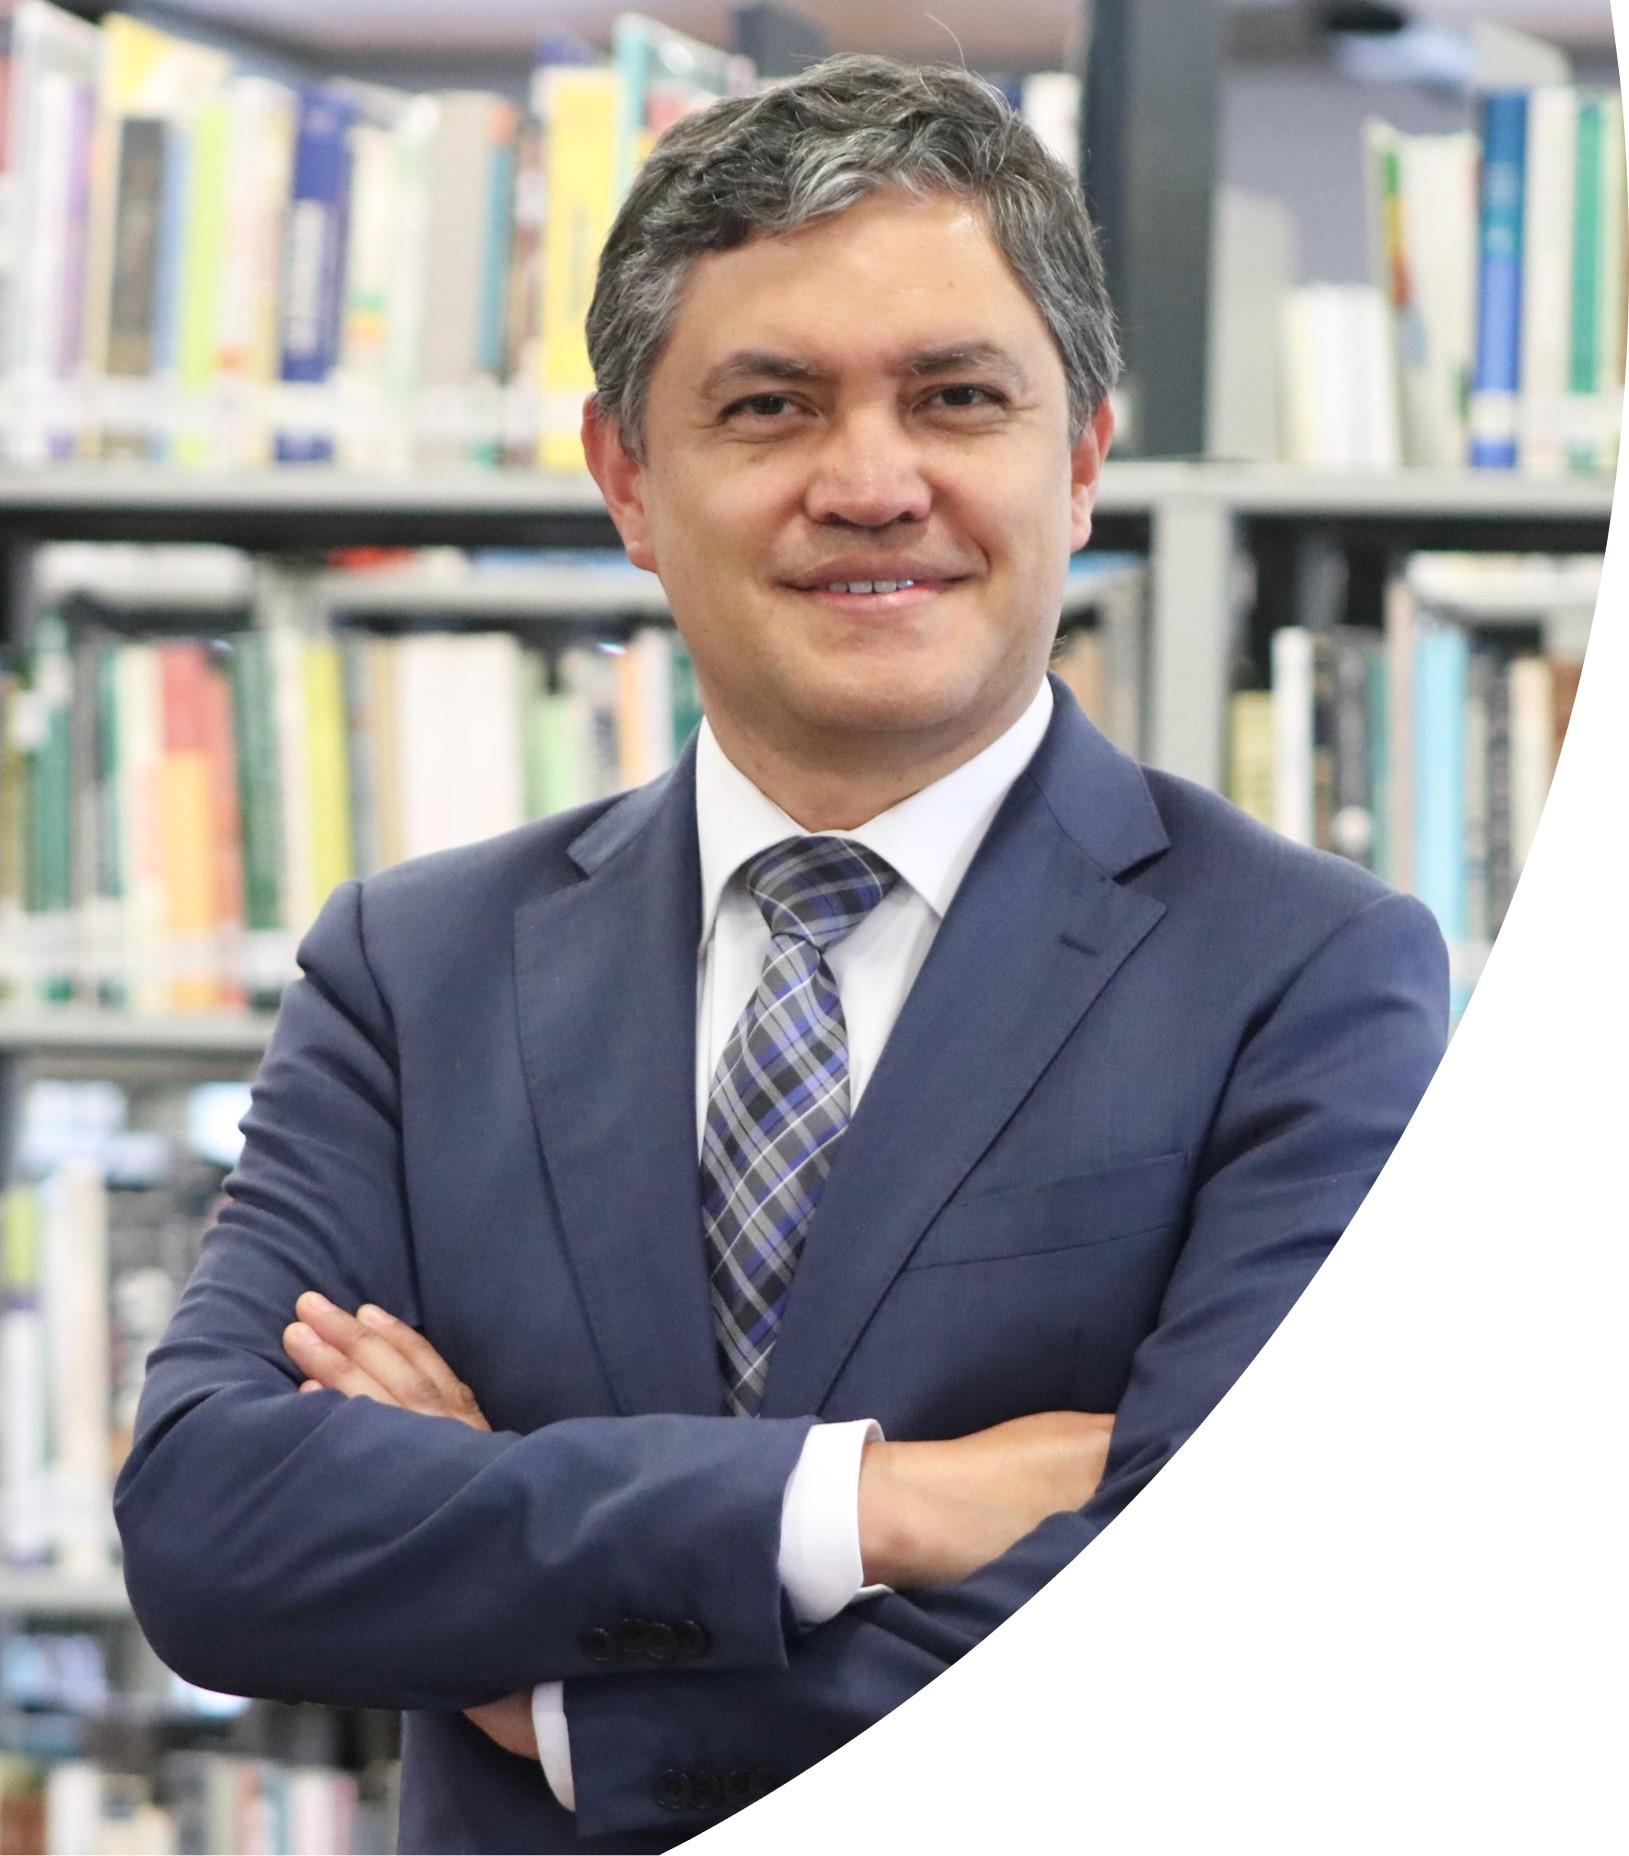 Juan Fernando Córdoba Marentes